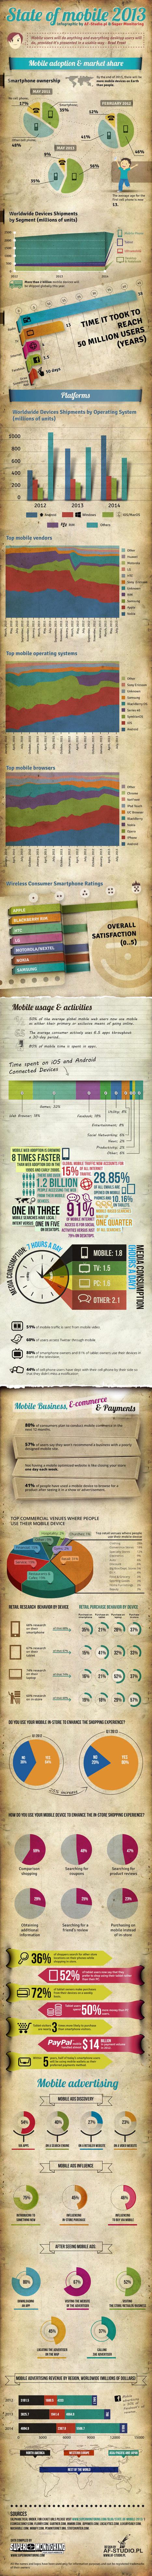 Les statistiques 2013 du marché du Mobile   Statistiques & tendances mobiles   Scoop.it